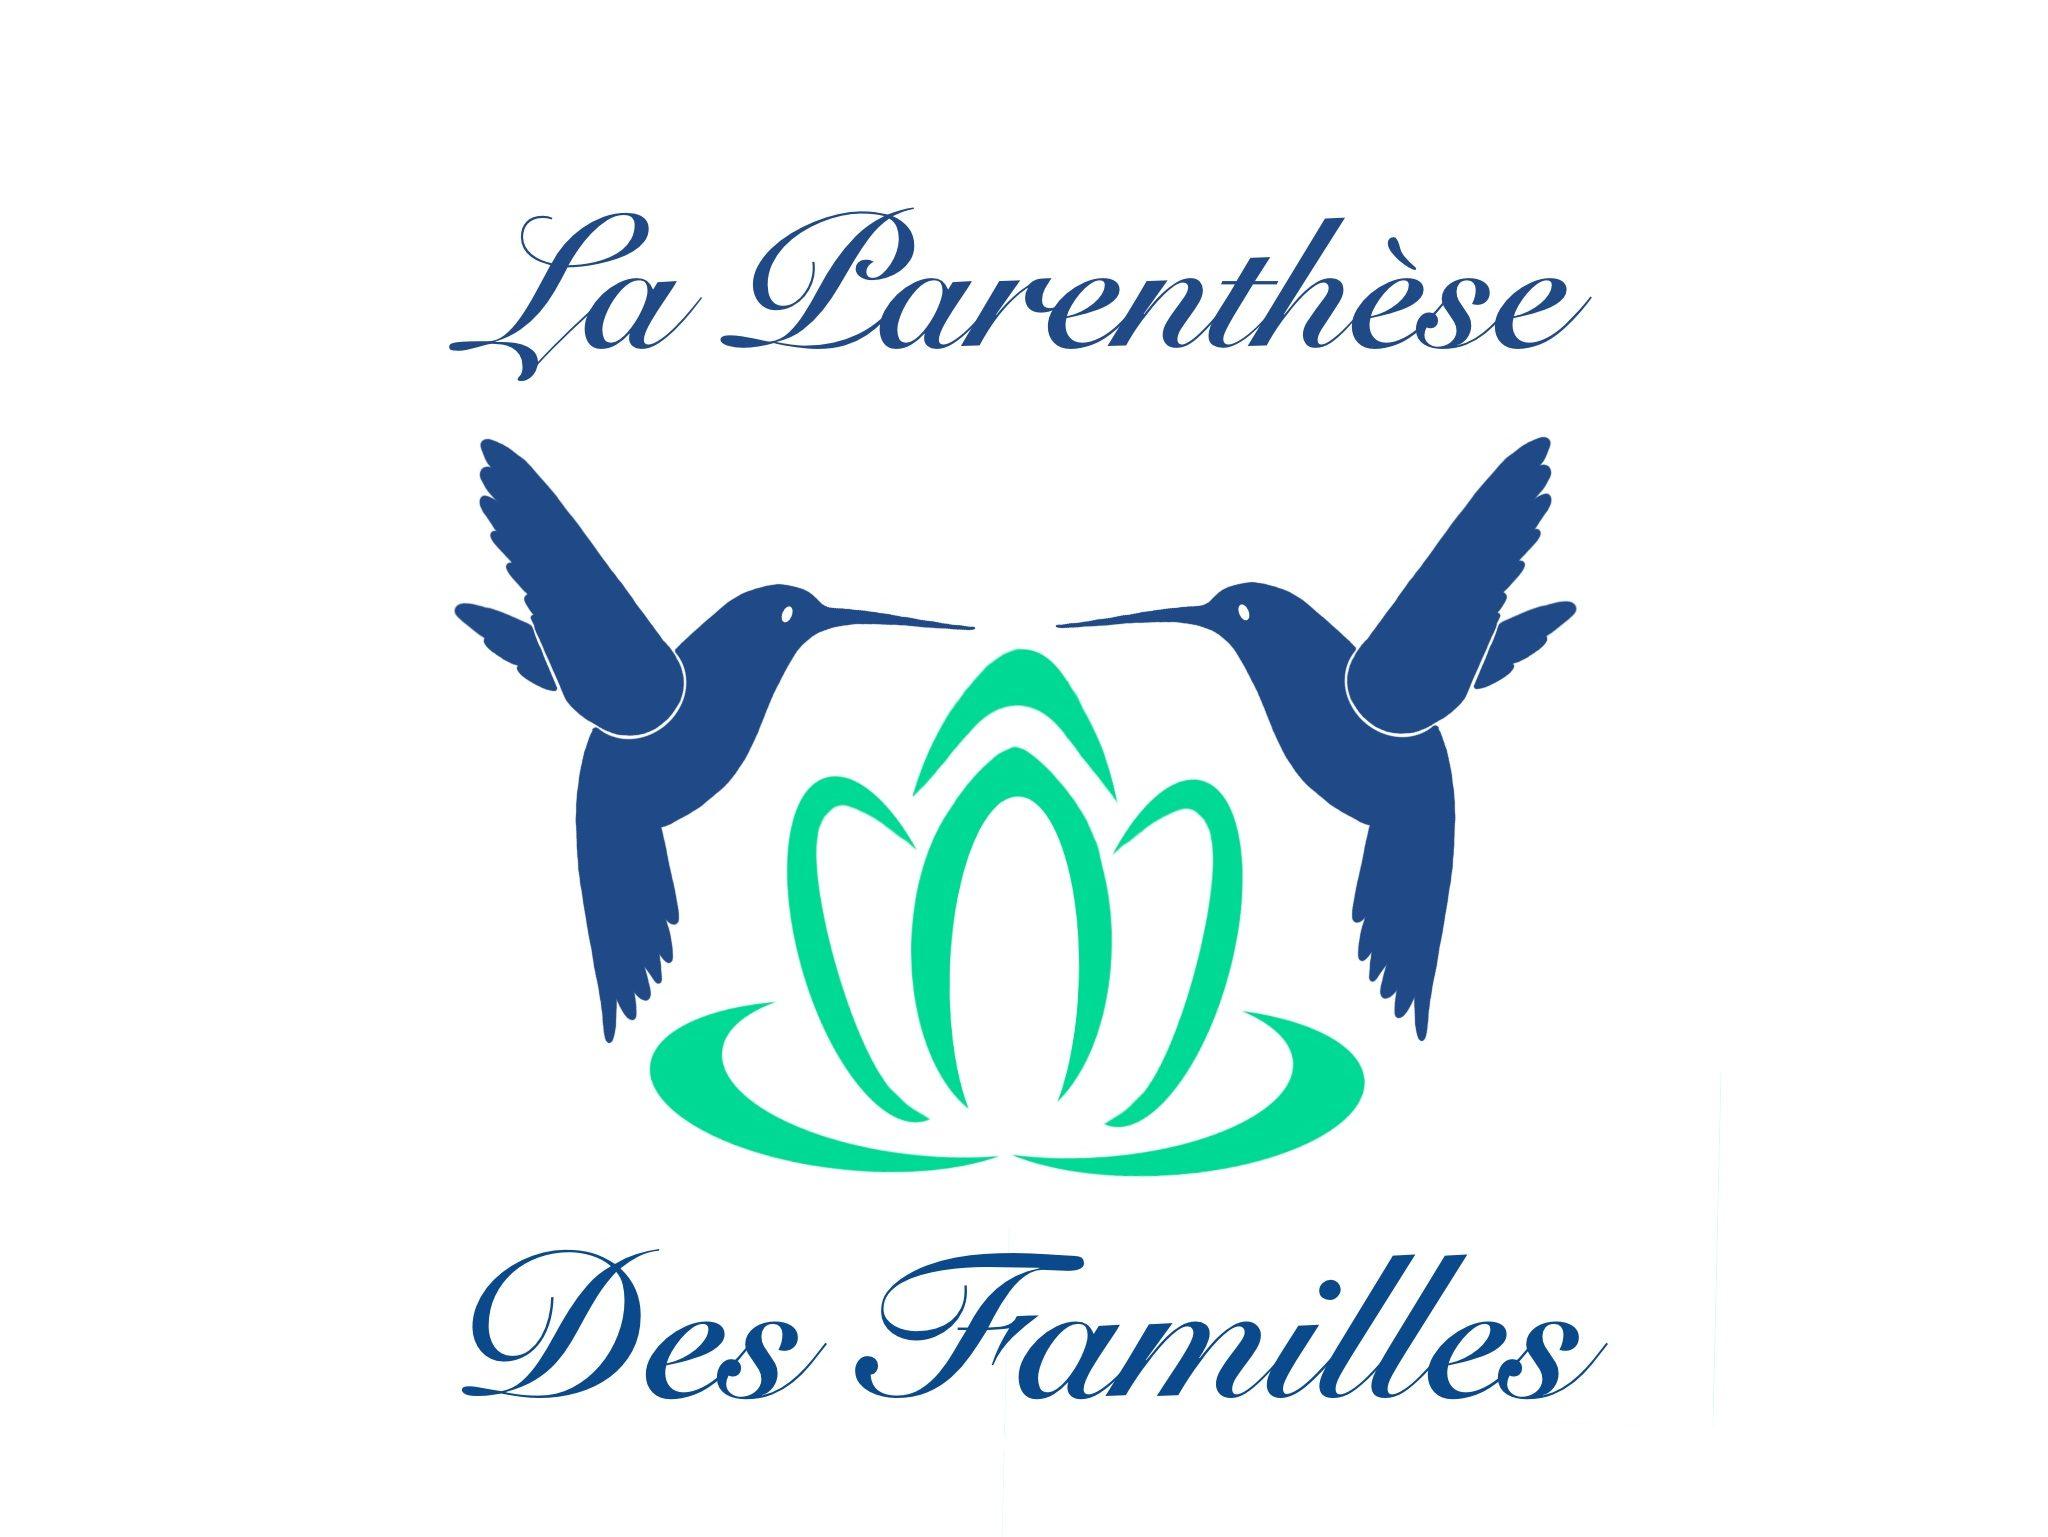 La parenthèse des familles